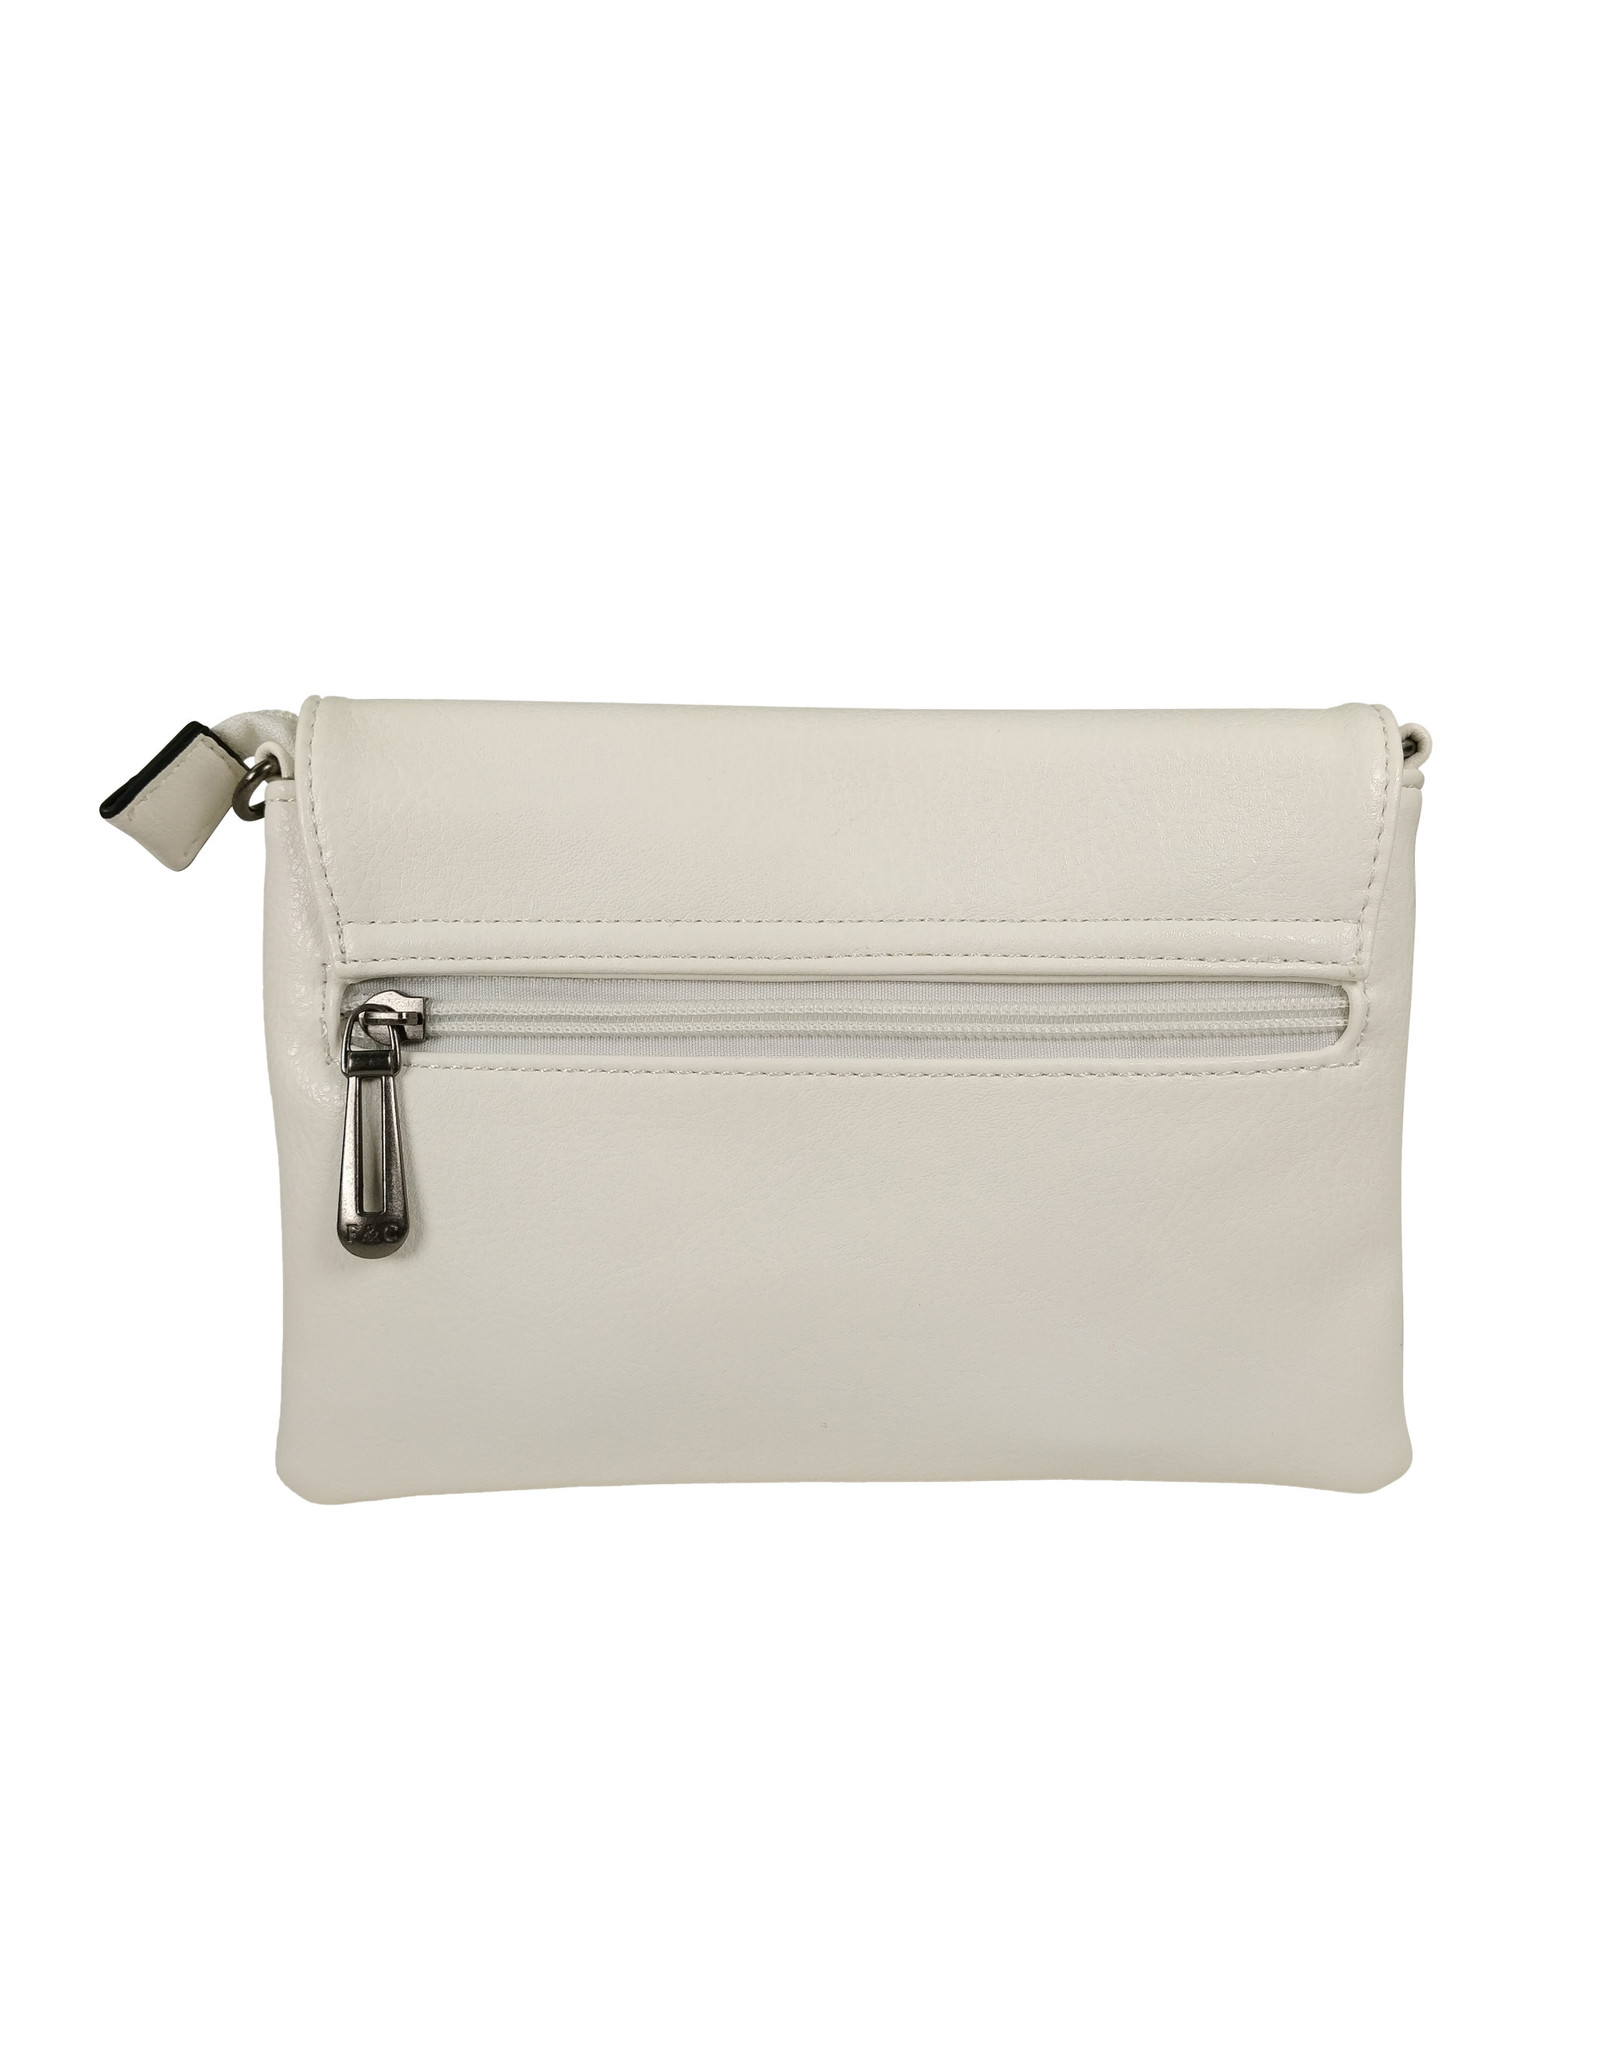 Handtasje/clutch wit